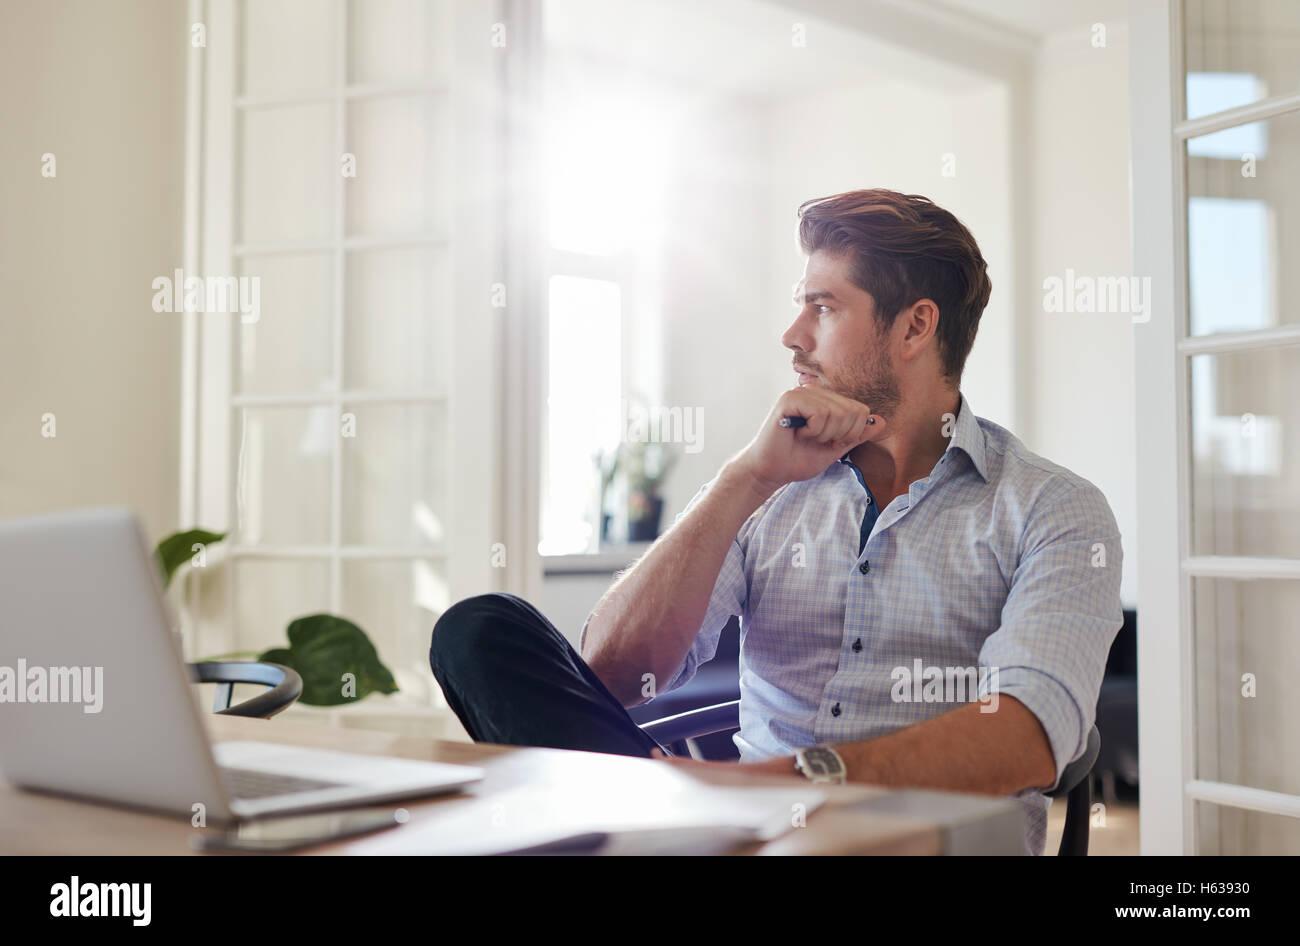 Foto de hombre joven sentado en la mesa mirando a otro lado y pensar. Pensativo empresario sentado en la oficina Imagen De Stock